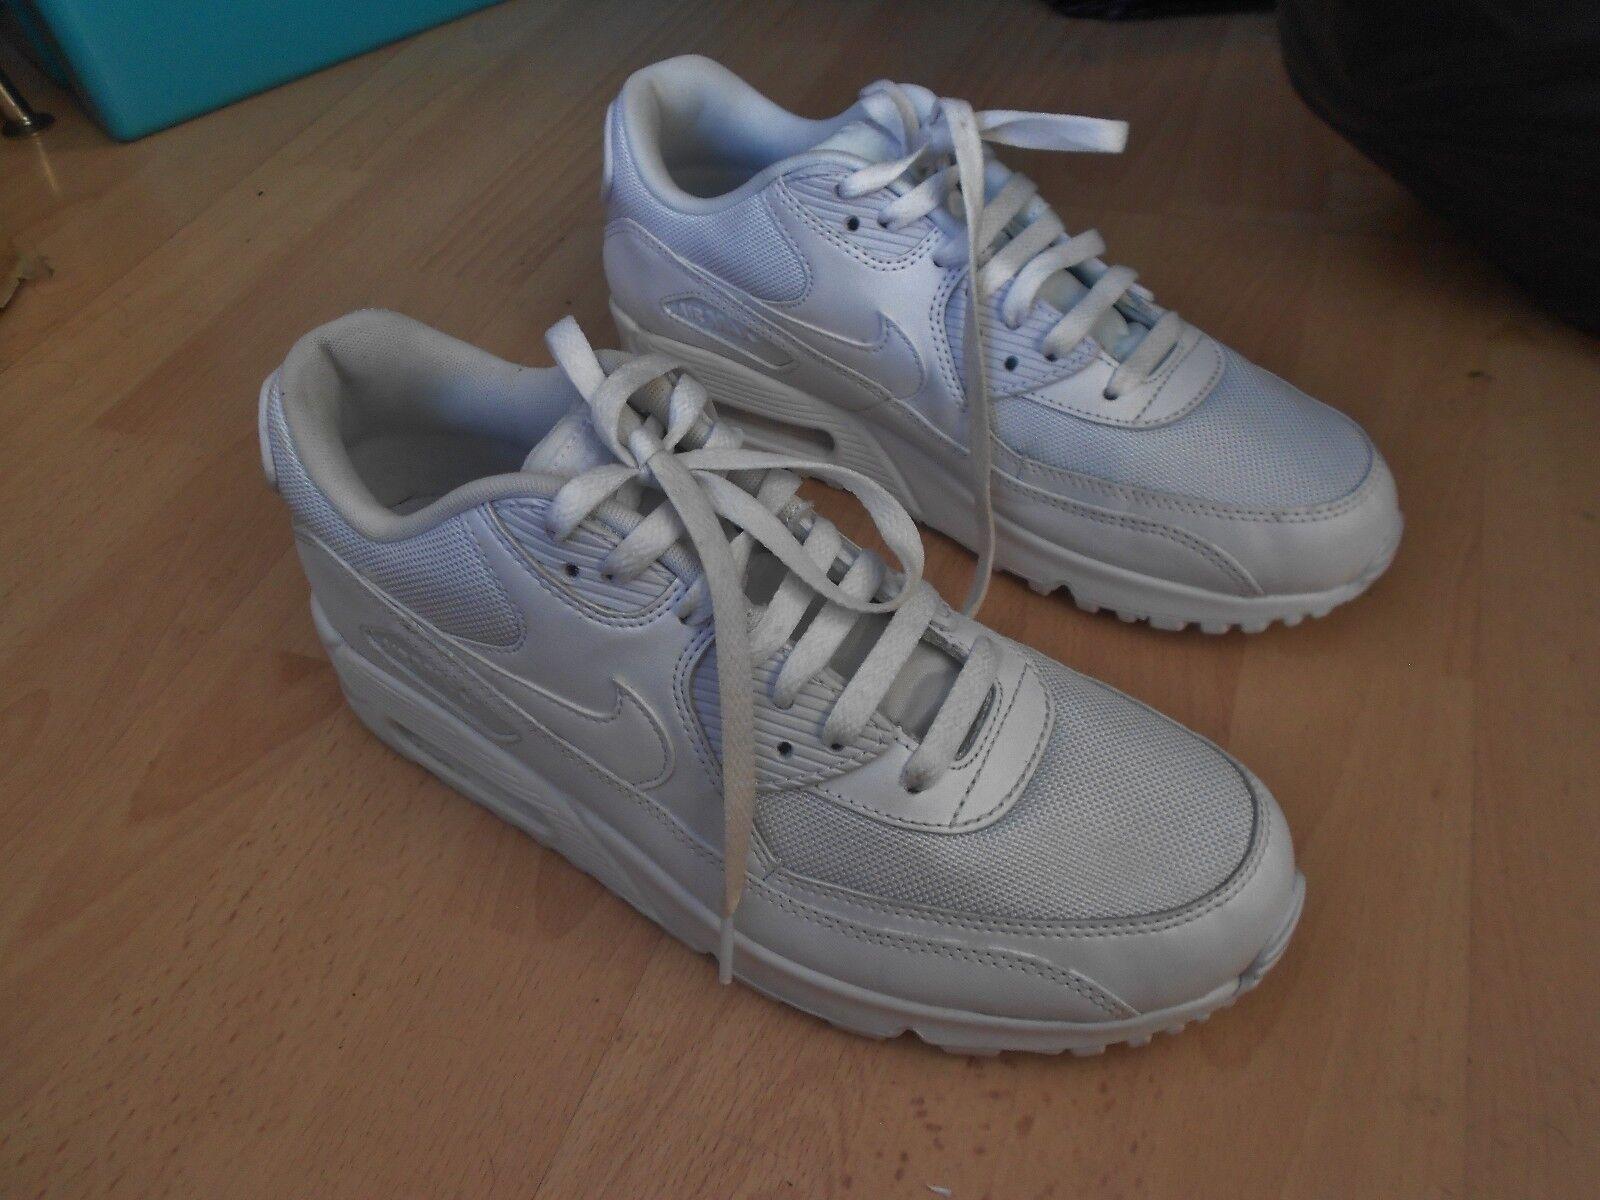 Nike Air Max 90 blancoo Correr Zapatillas Uk Talla  8-en Buenas Condiciones  garantizado